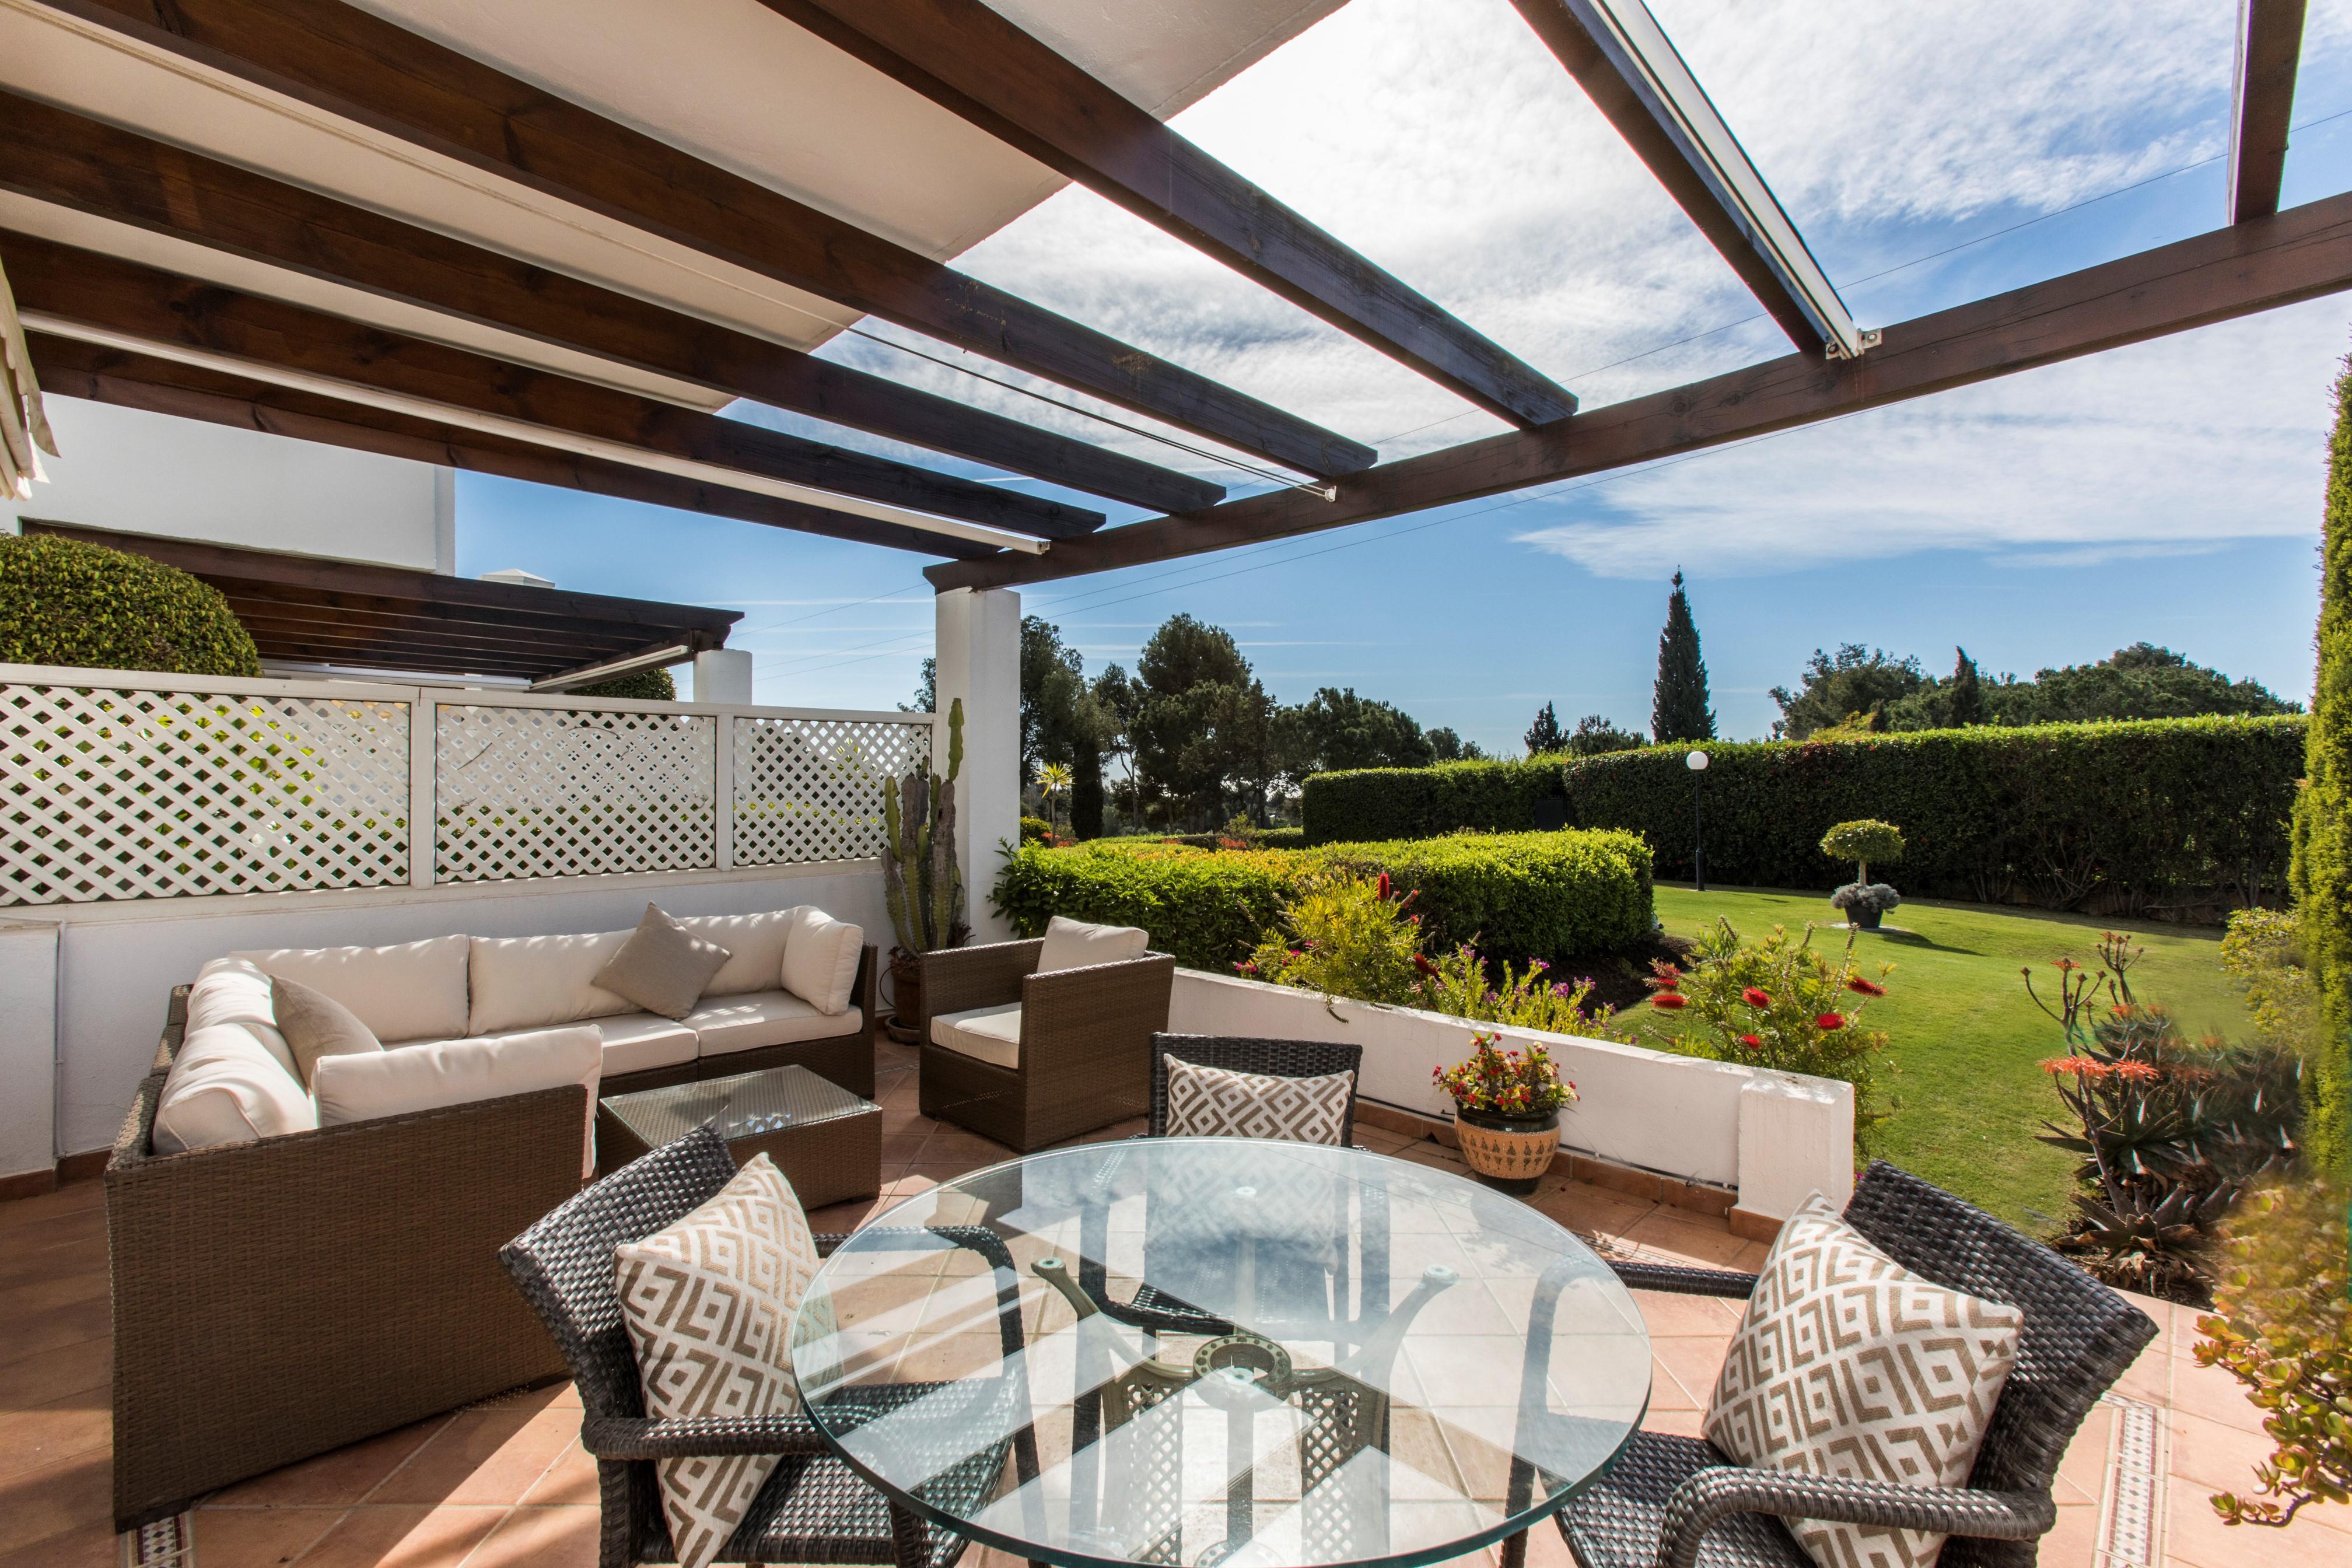 Málaga and the Costa del Sol top international retirement lists